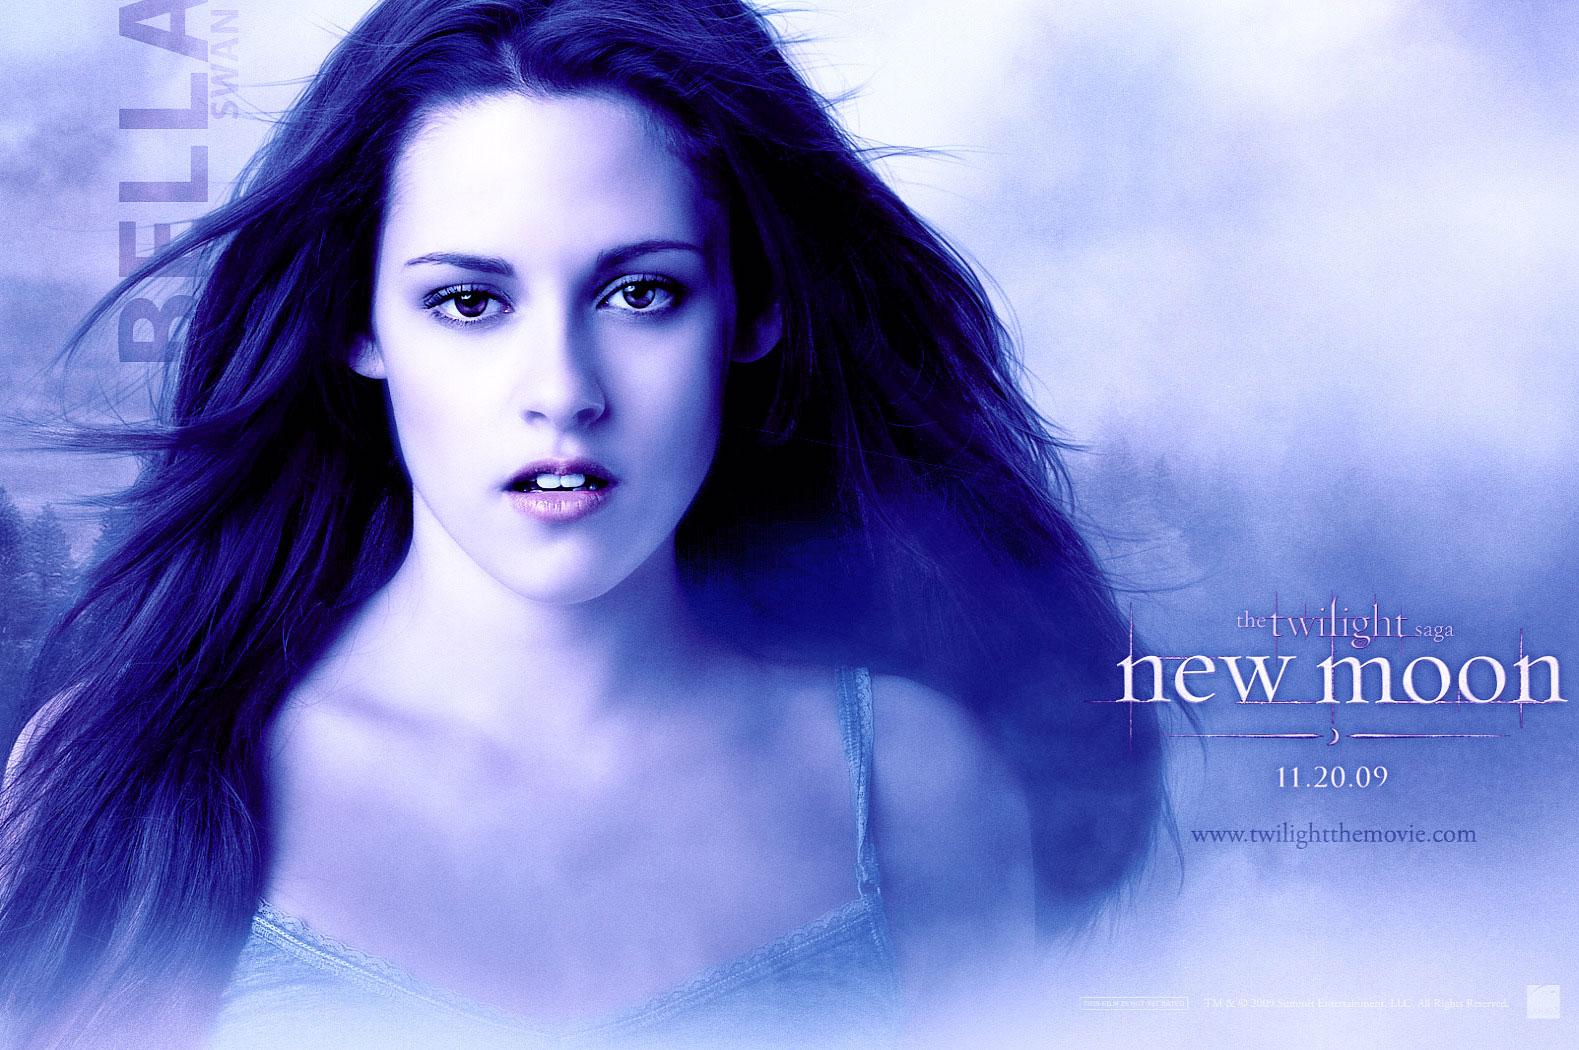 New Best Twilight Bella Kristen Stewart Wallpaper Wallpaperholic